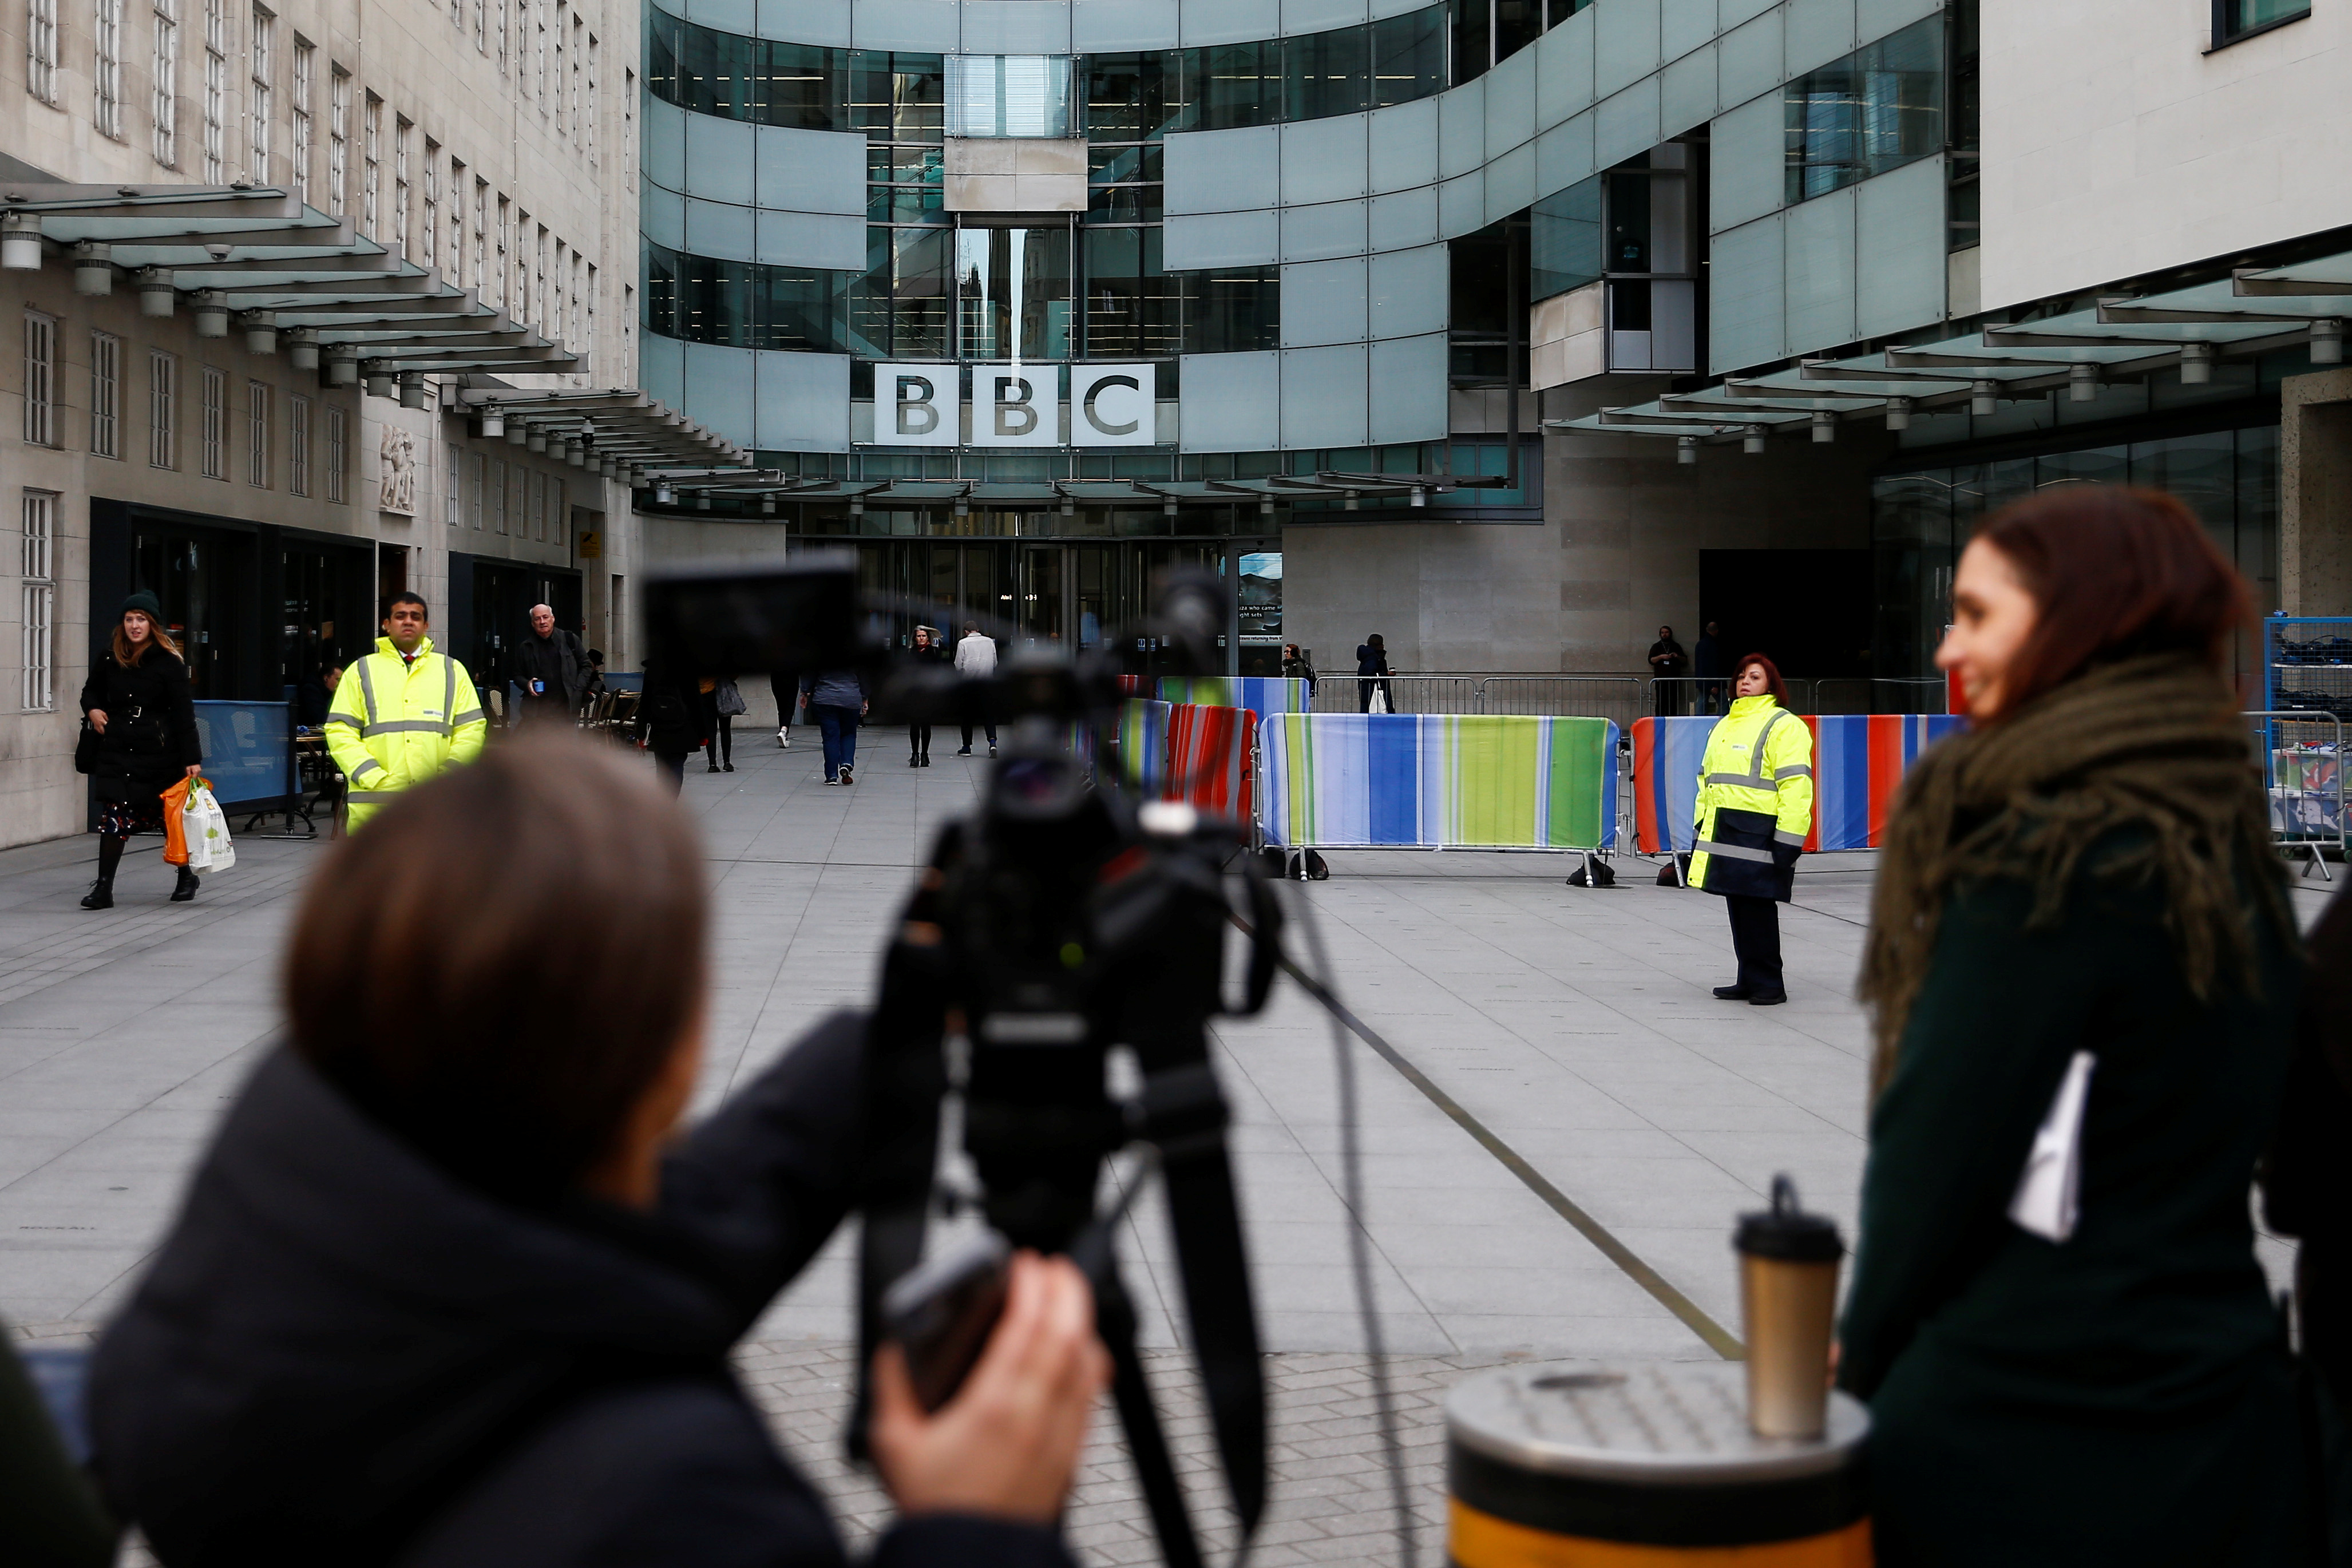 Μεγάλες περικοπές στο BBC! Απολύει 450 δημοσιογράφους